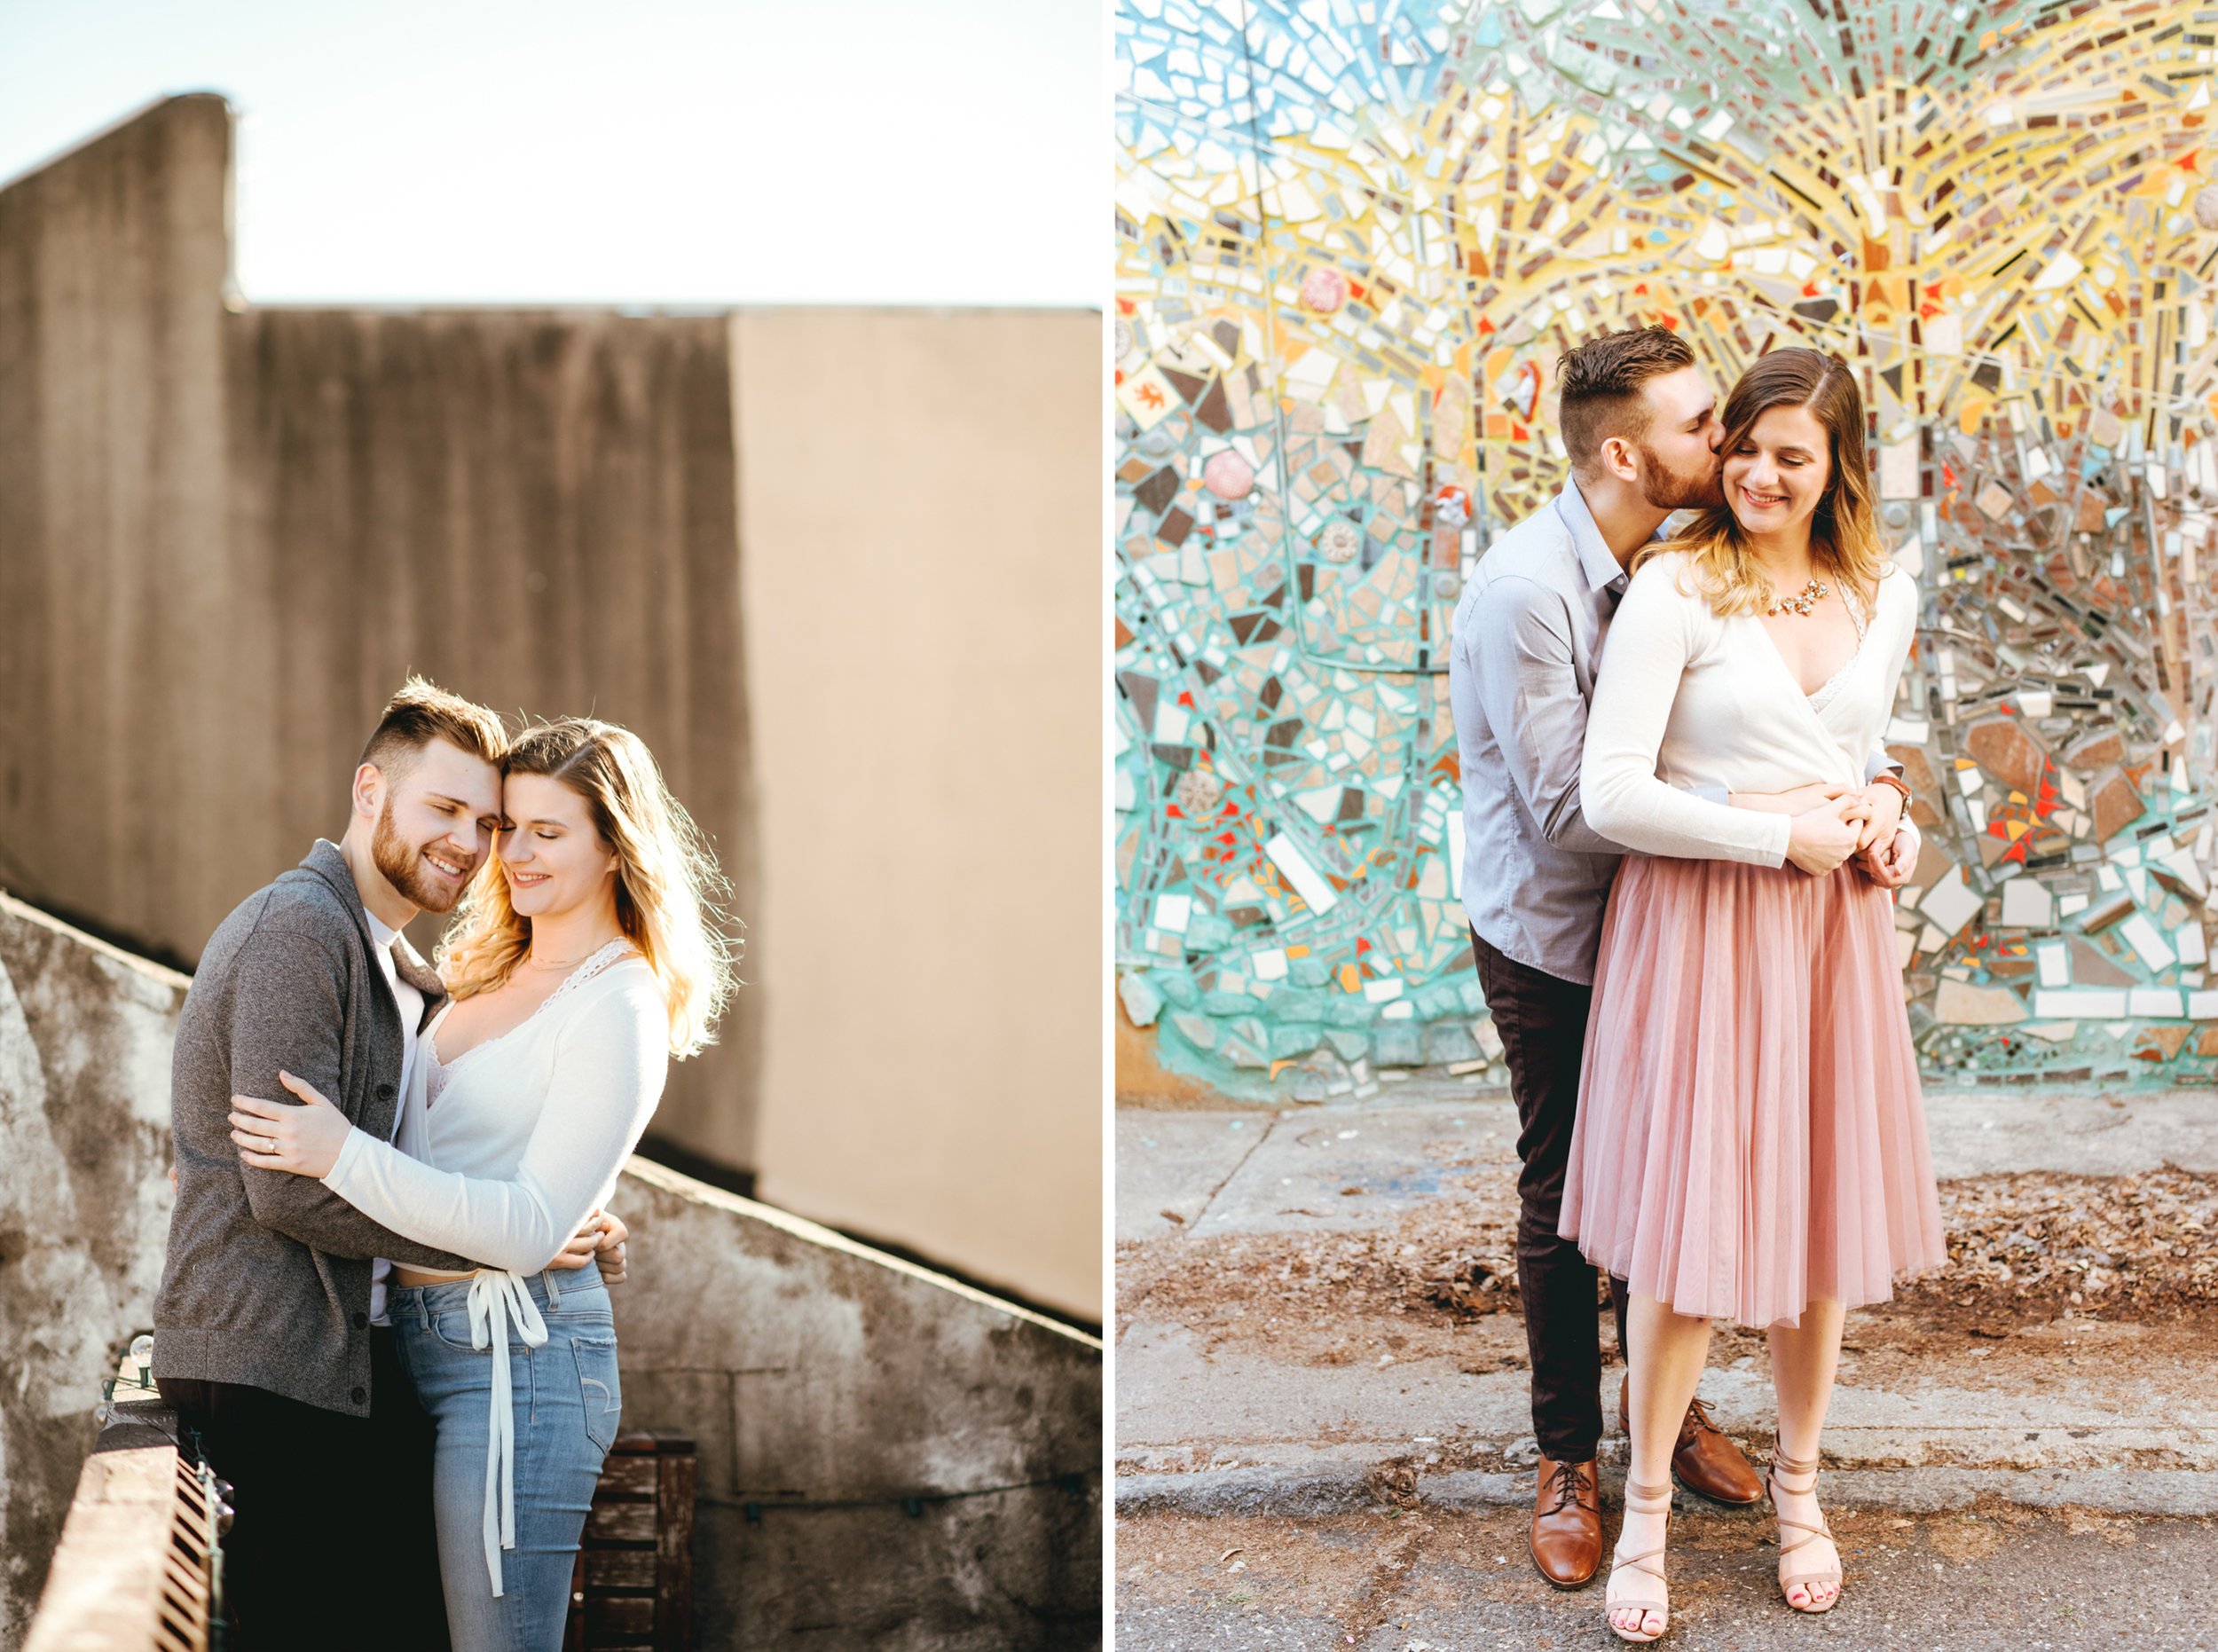 Philadelphia-PA-Engagement-Photographer-Peaberry-Photo-Wedding-Photography-9.jpg